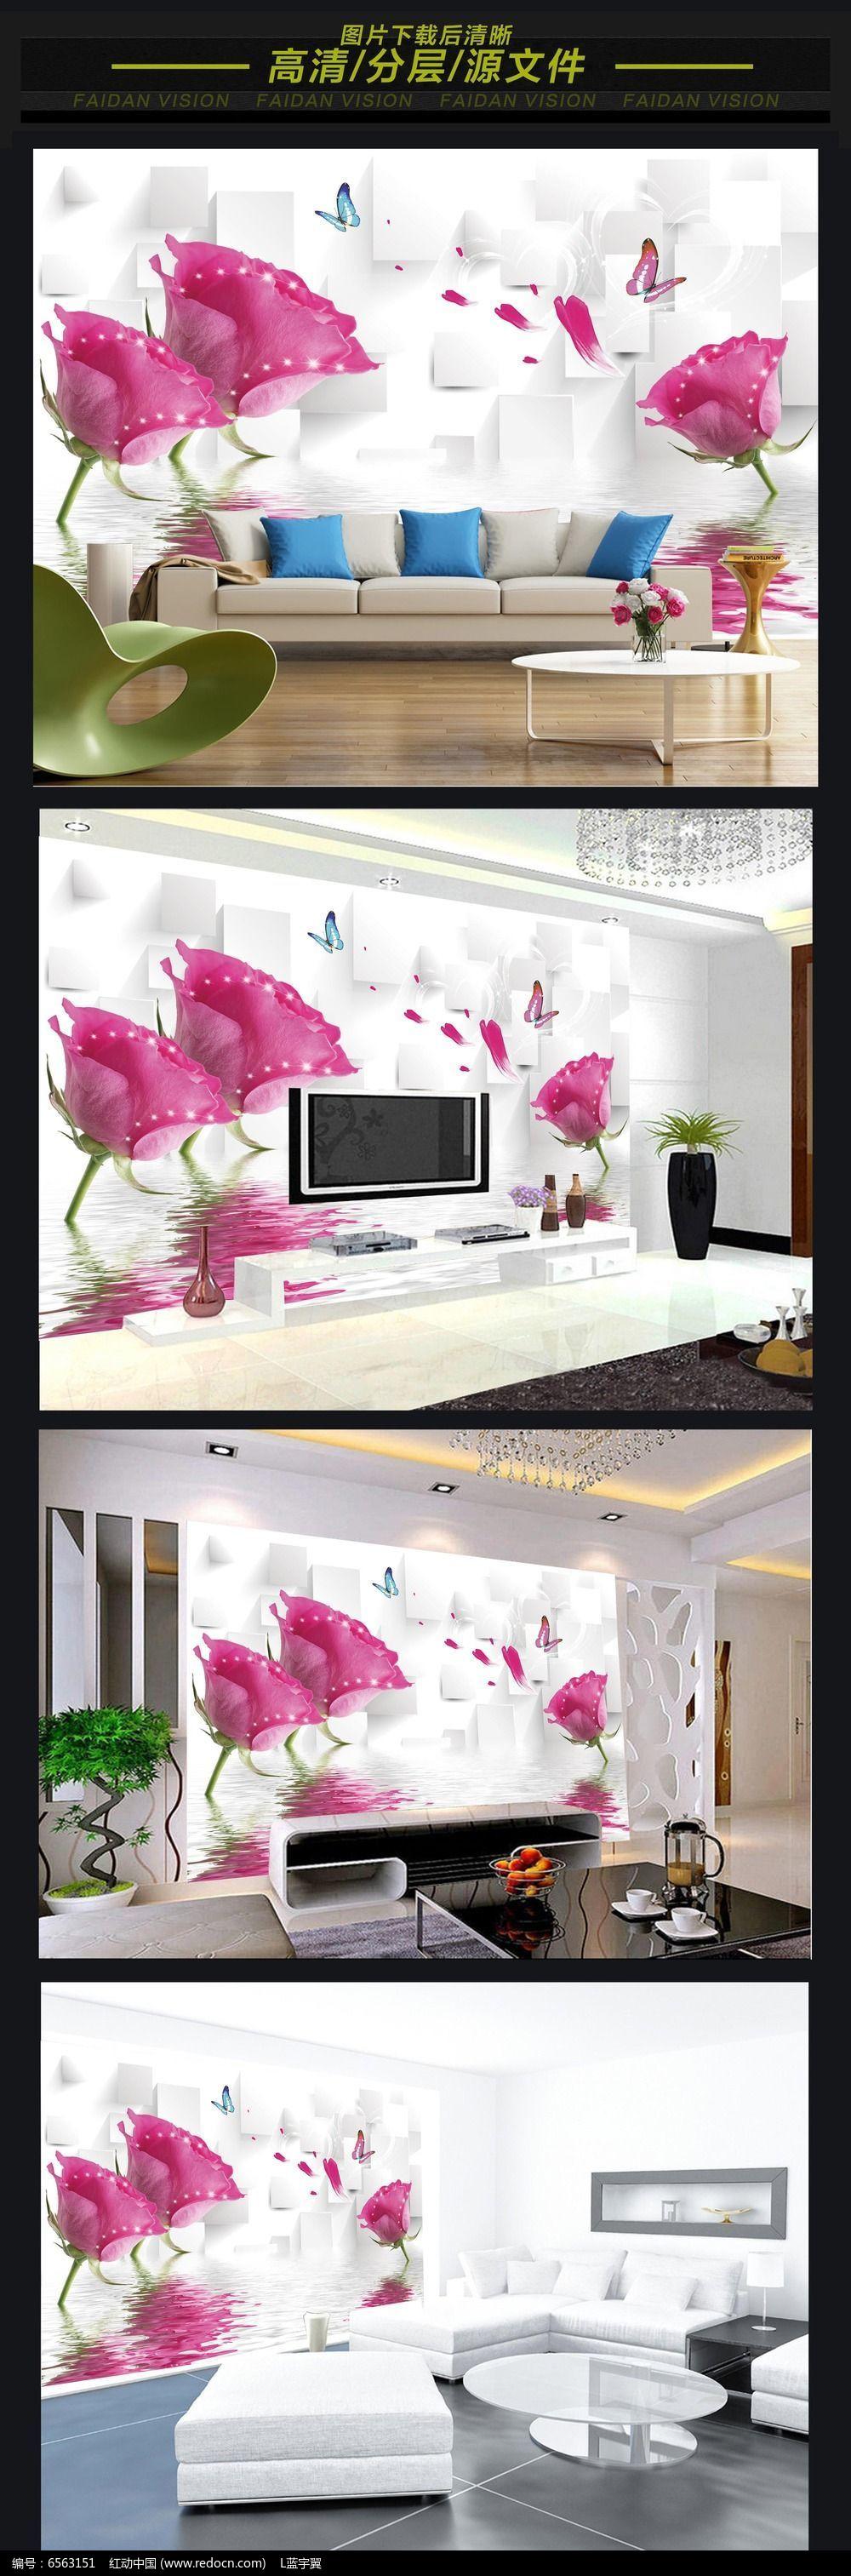 3d立体方块水中花朵餐厅背景墙图片